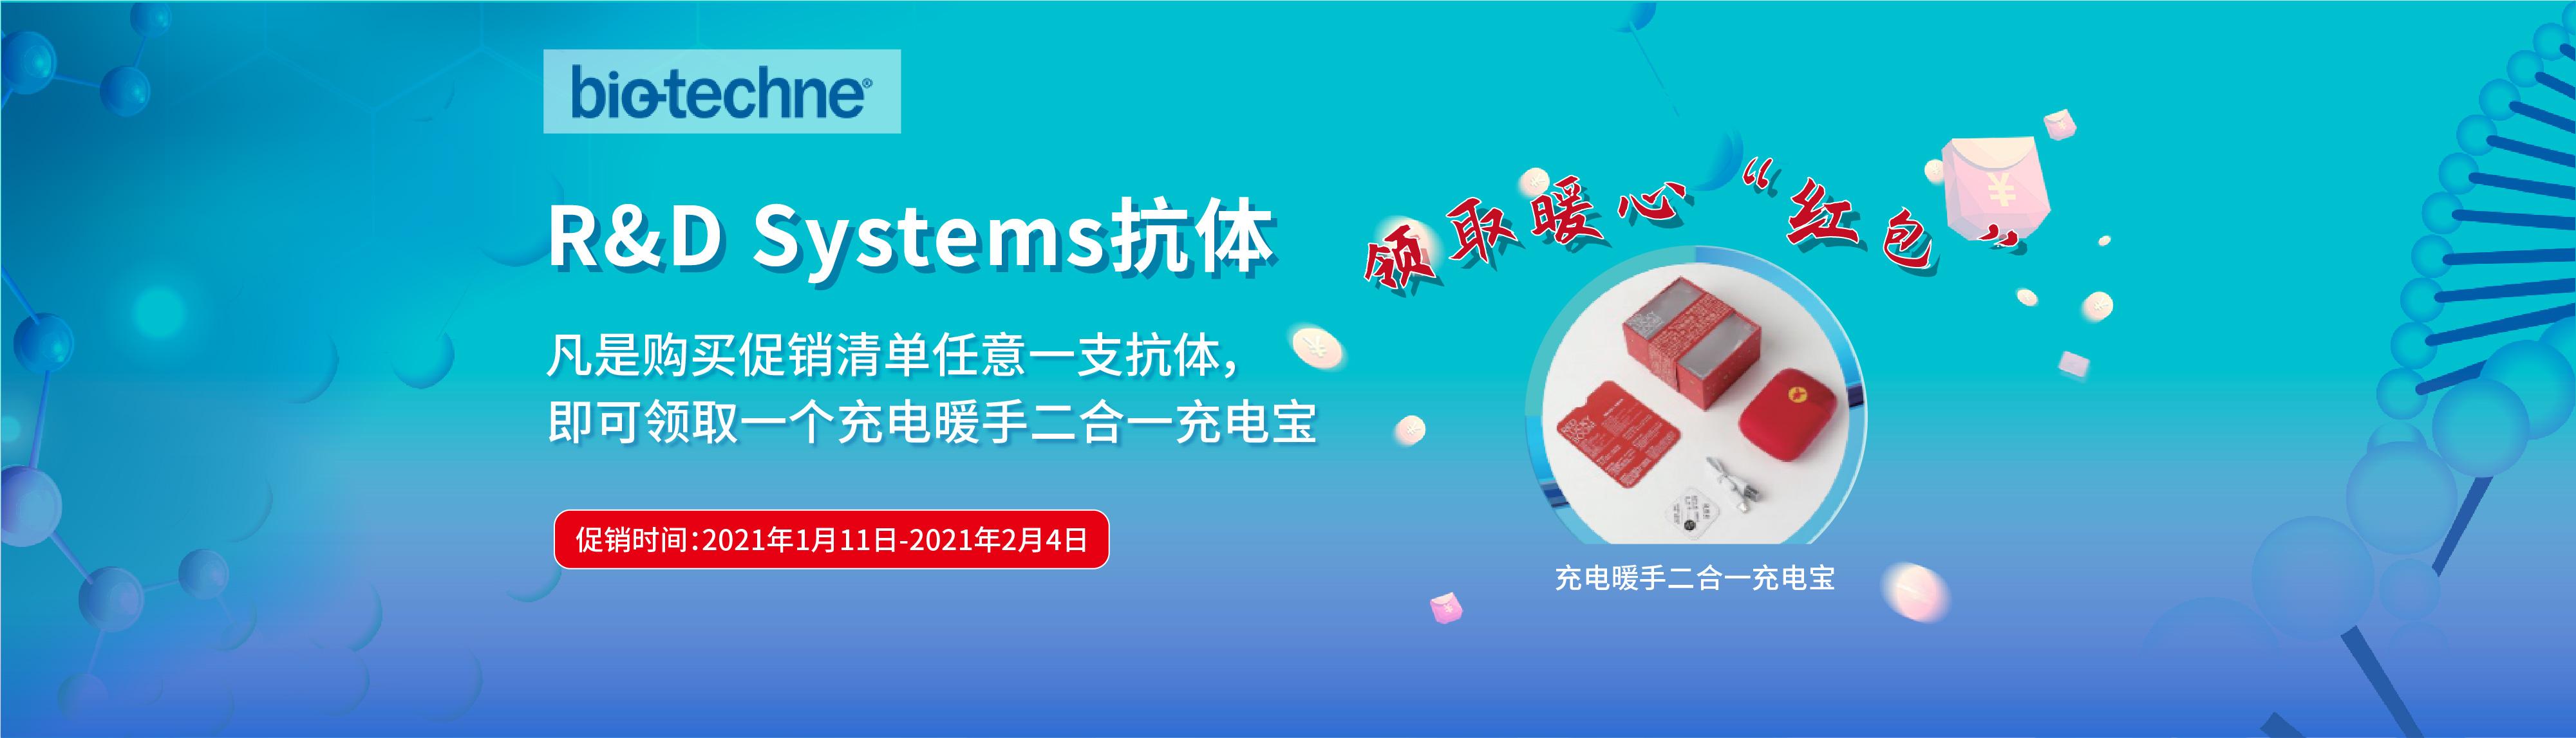 """买R&D Systems抗体,领取你的2021年第一份暖心""""红包"""""""